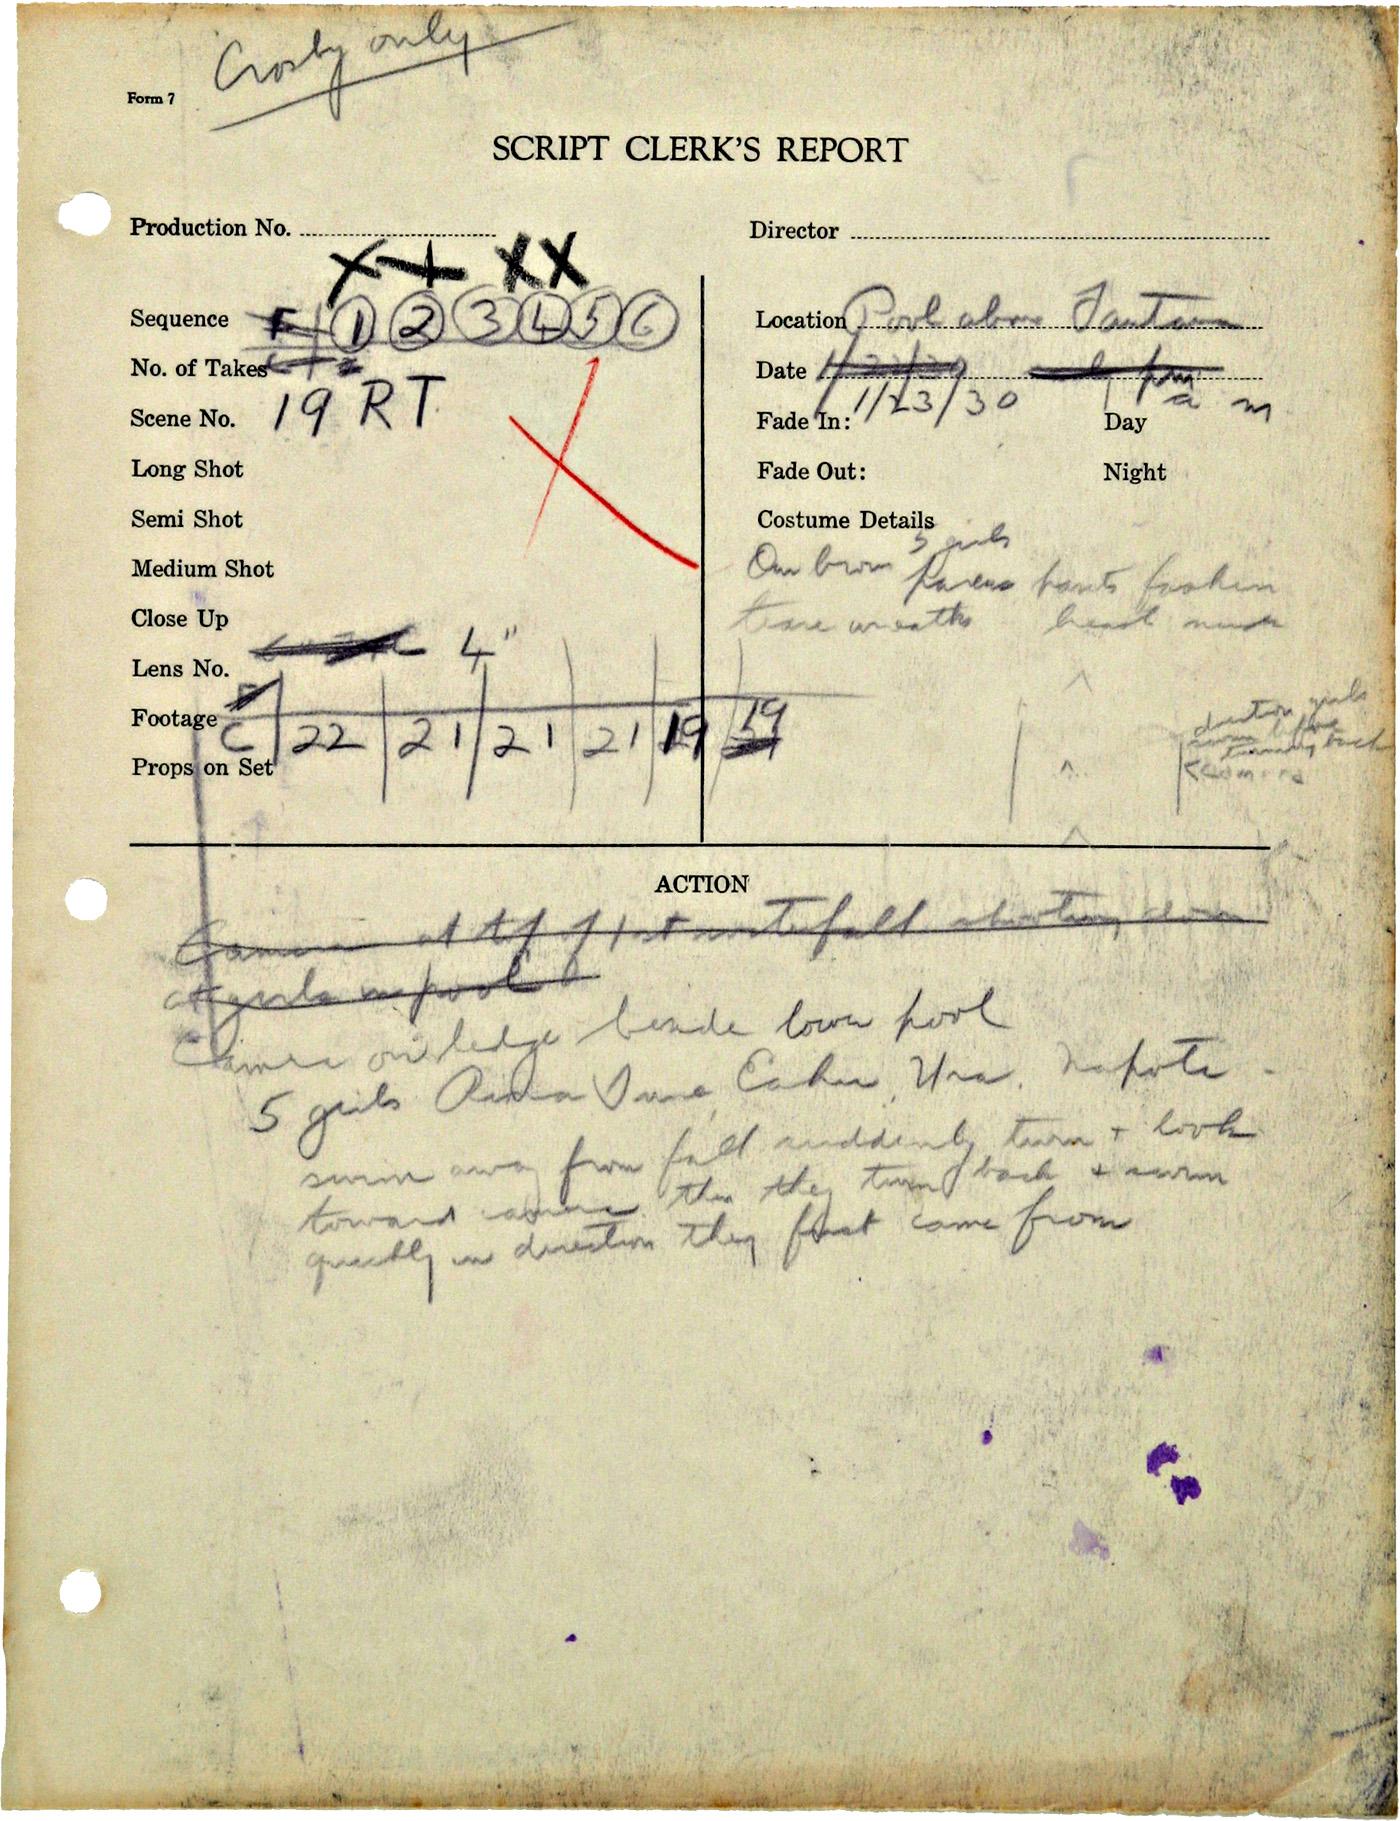 Originalseite eines Tagesberichts mit Handschriftlichen Notizen